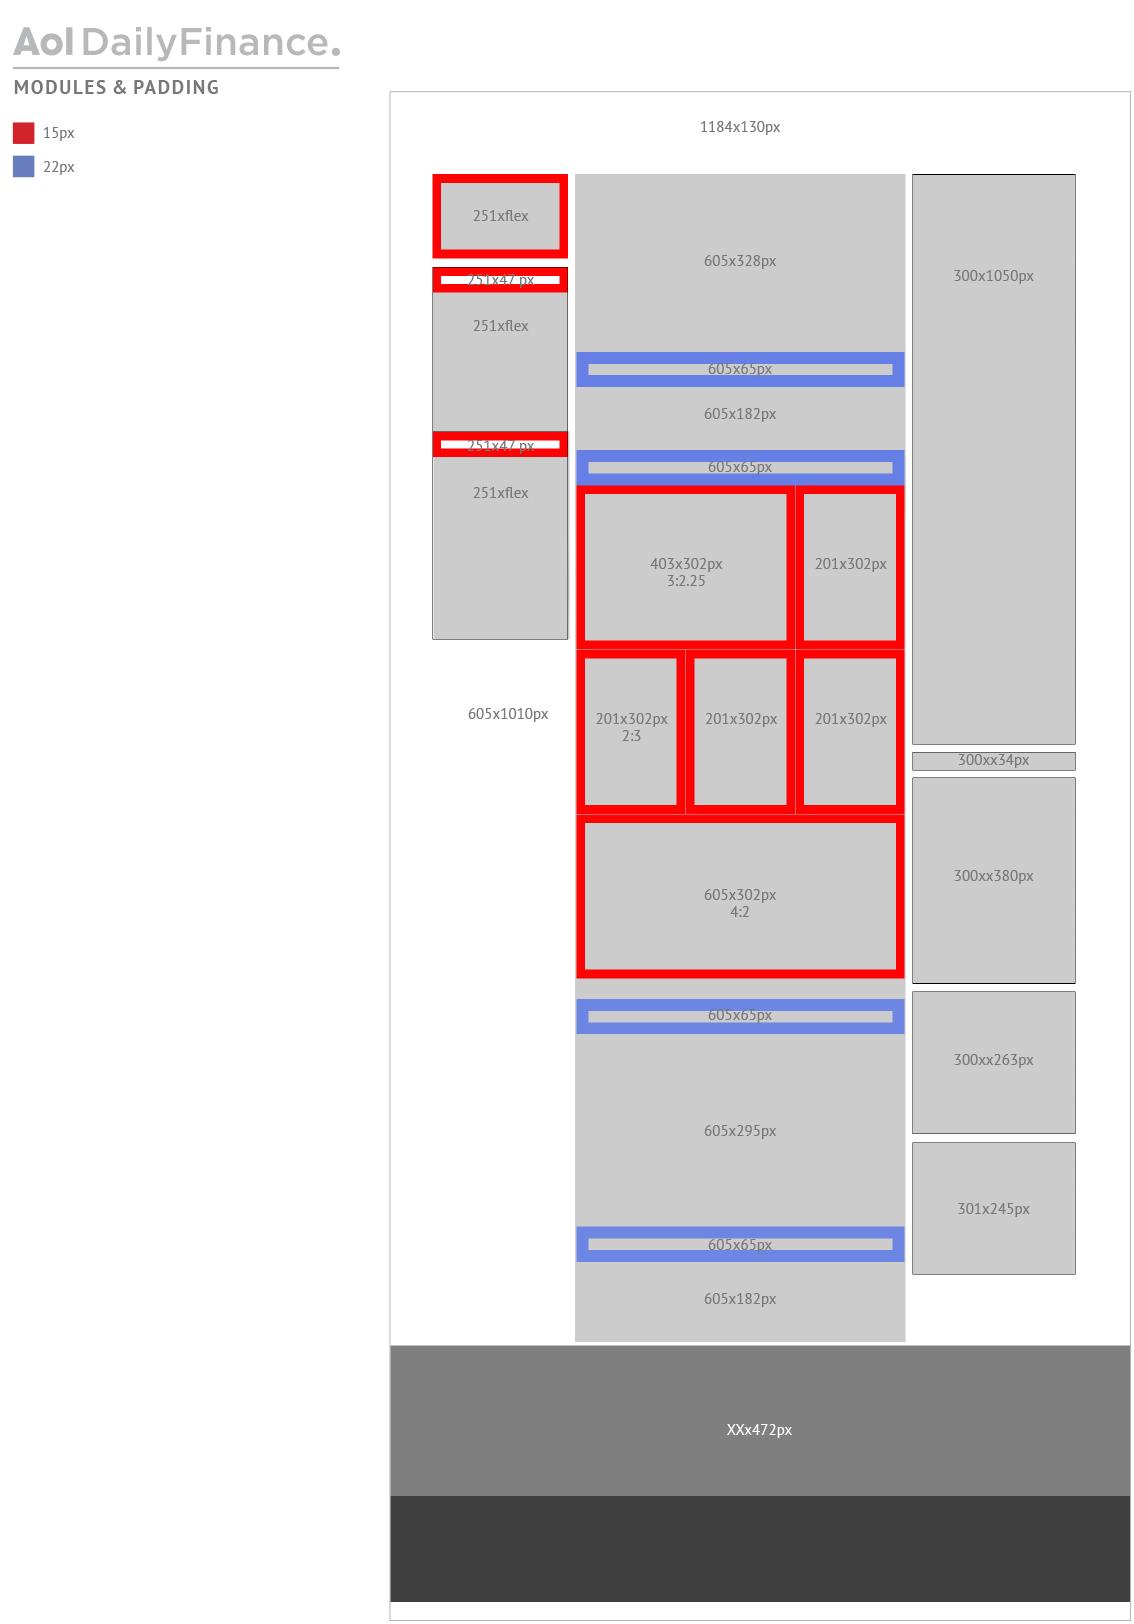 DailyFinance_Guidelines-4.jpg